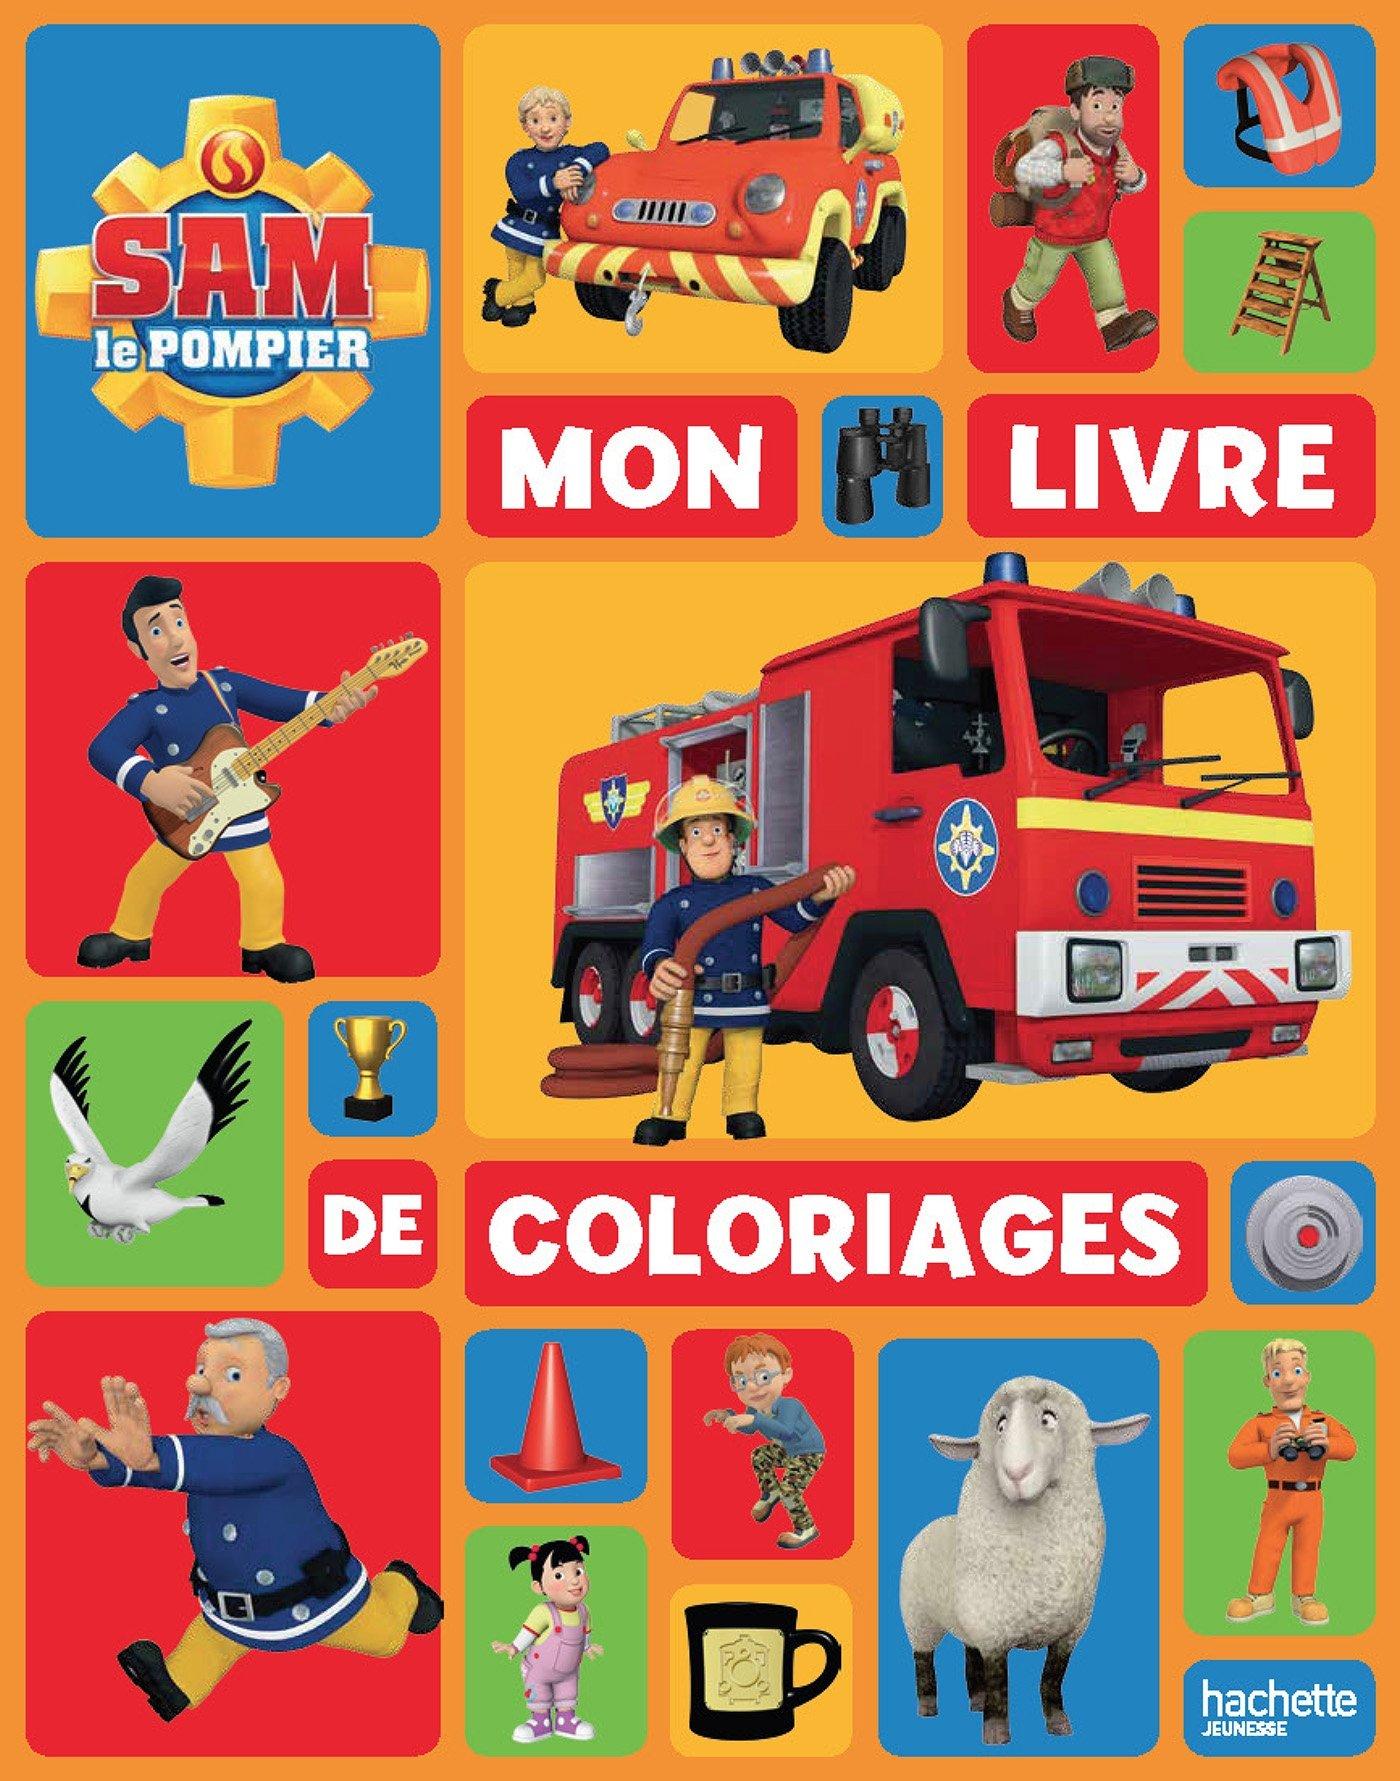 Impressionnant Dessin A Colorier Sam Le Pompier